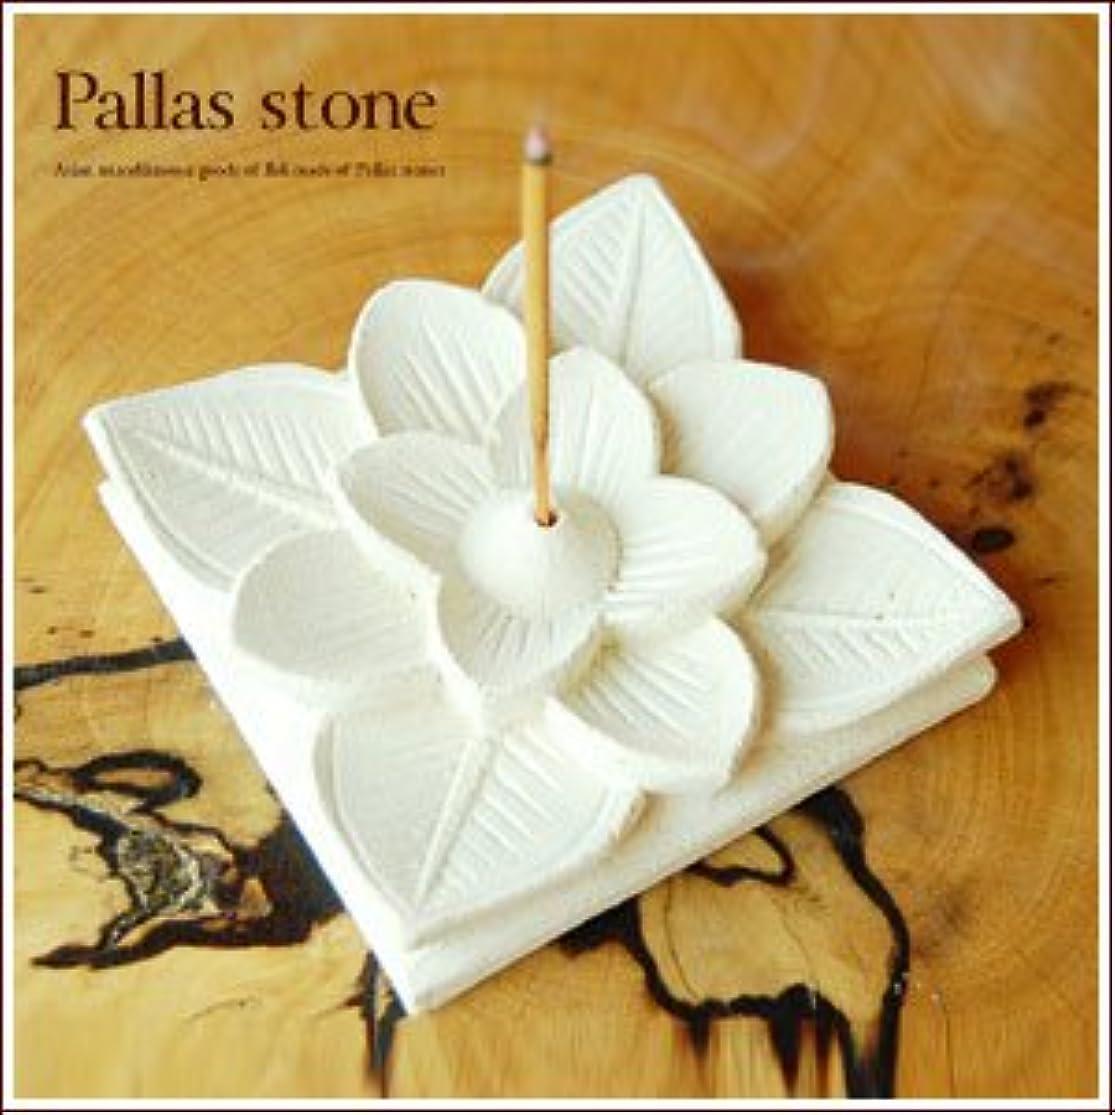 【アジア工房】パラス石で出来た花びらをモチーフにしたお香立て[大][10138] [並行輸入品]